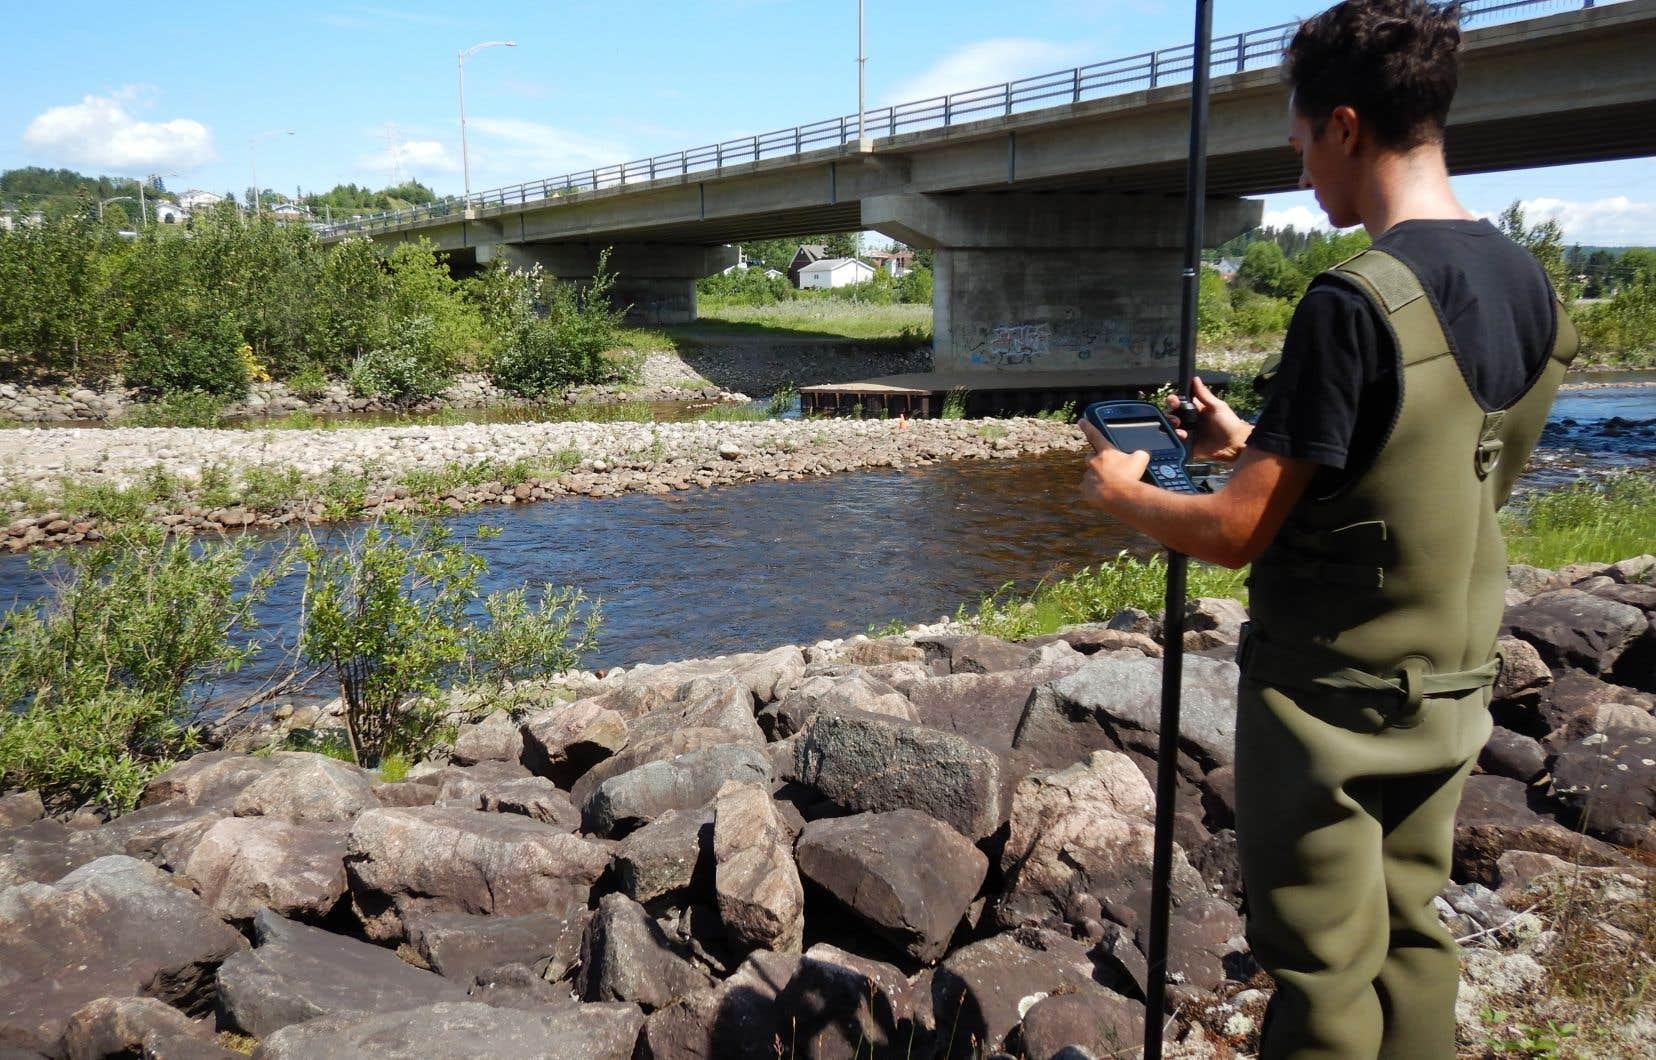 Après le déluge de 1996, plusieurs enrochements ont été faits pour stabiliser les cours d'eau au Saguenay, protégeant ainsi les routes et les résidences à proximité.